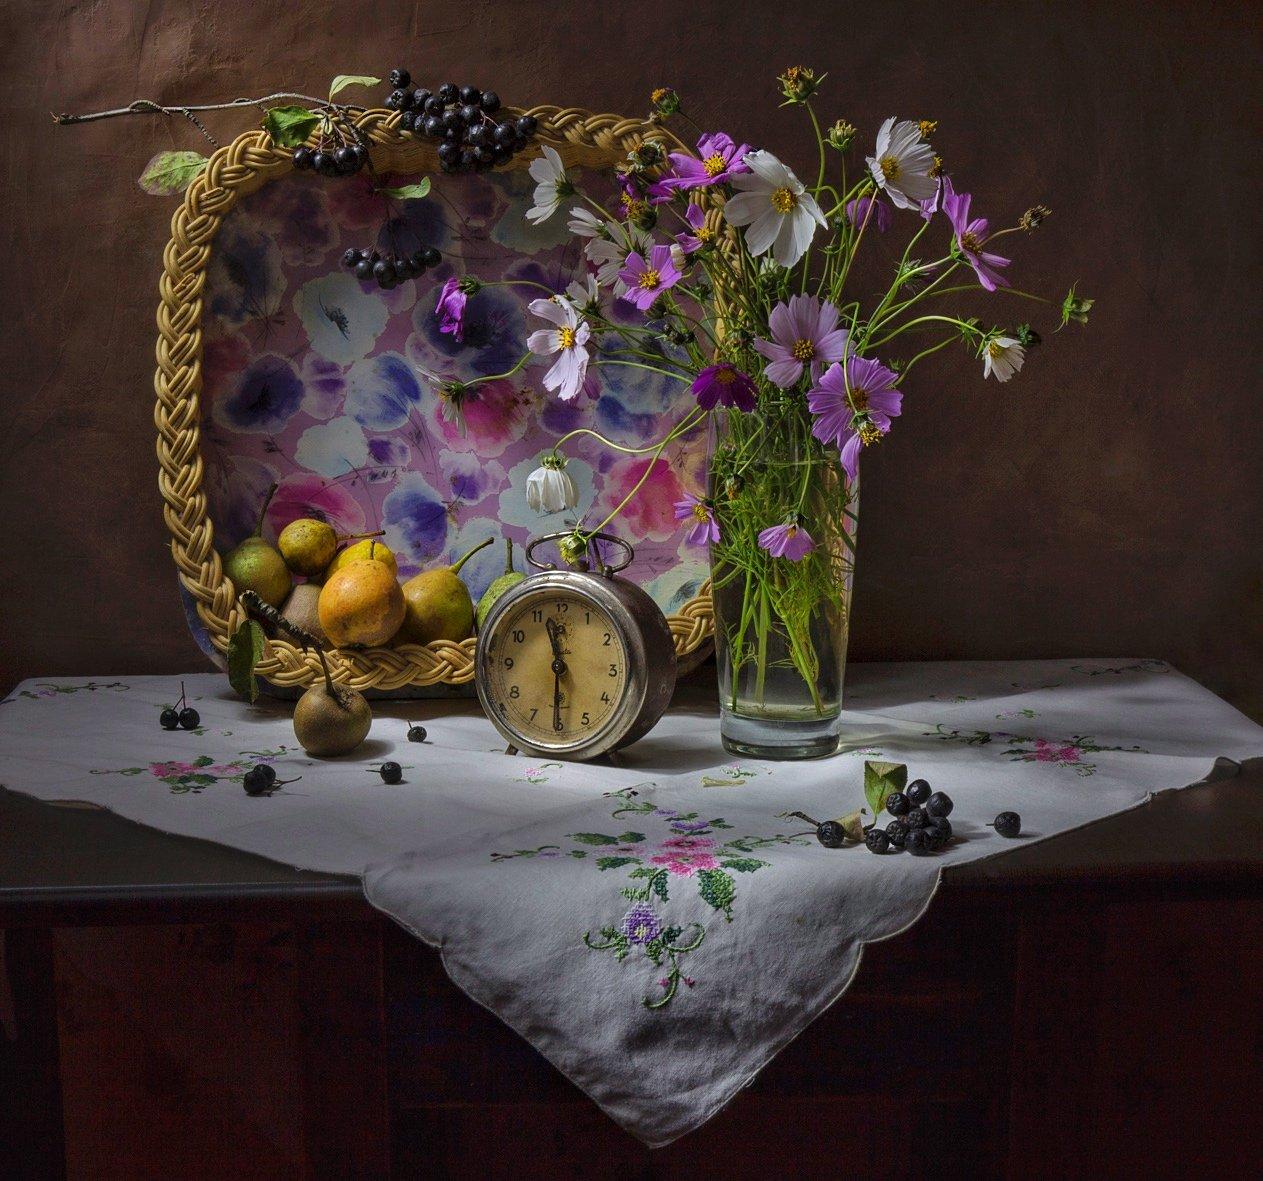 натюрморт,цветы,ягоды,часы,ваза, Zadorina Svetlana